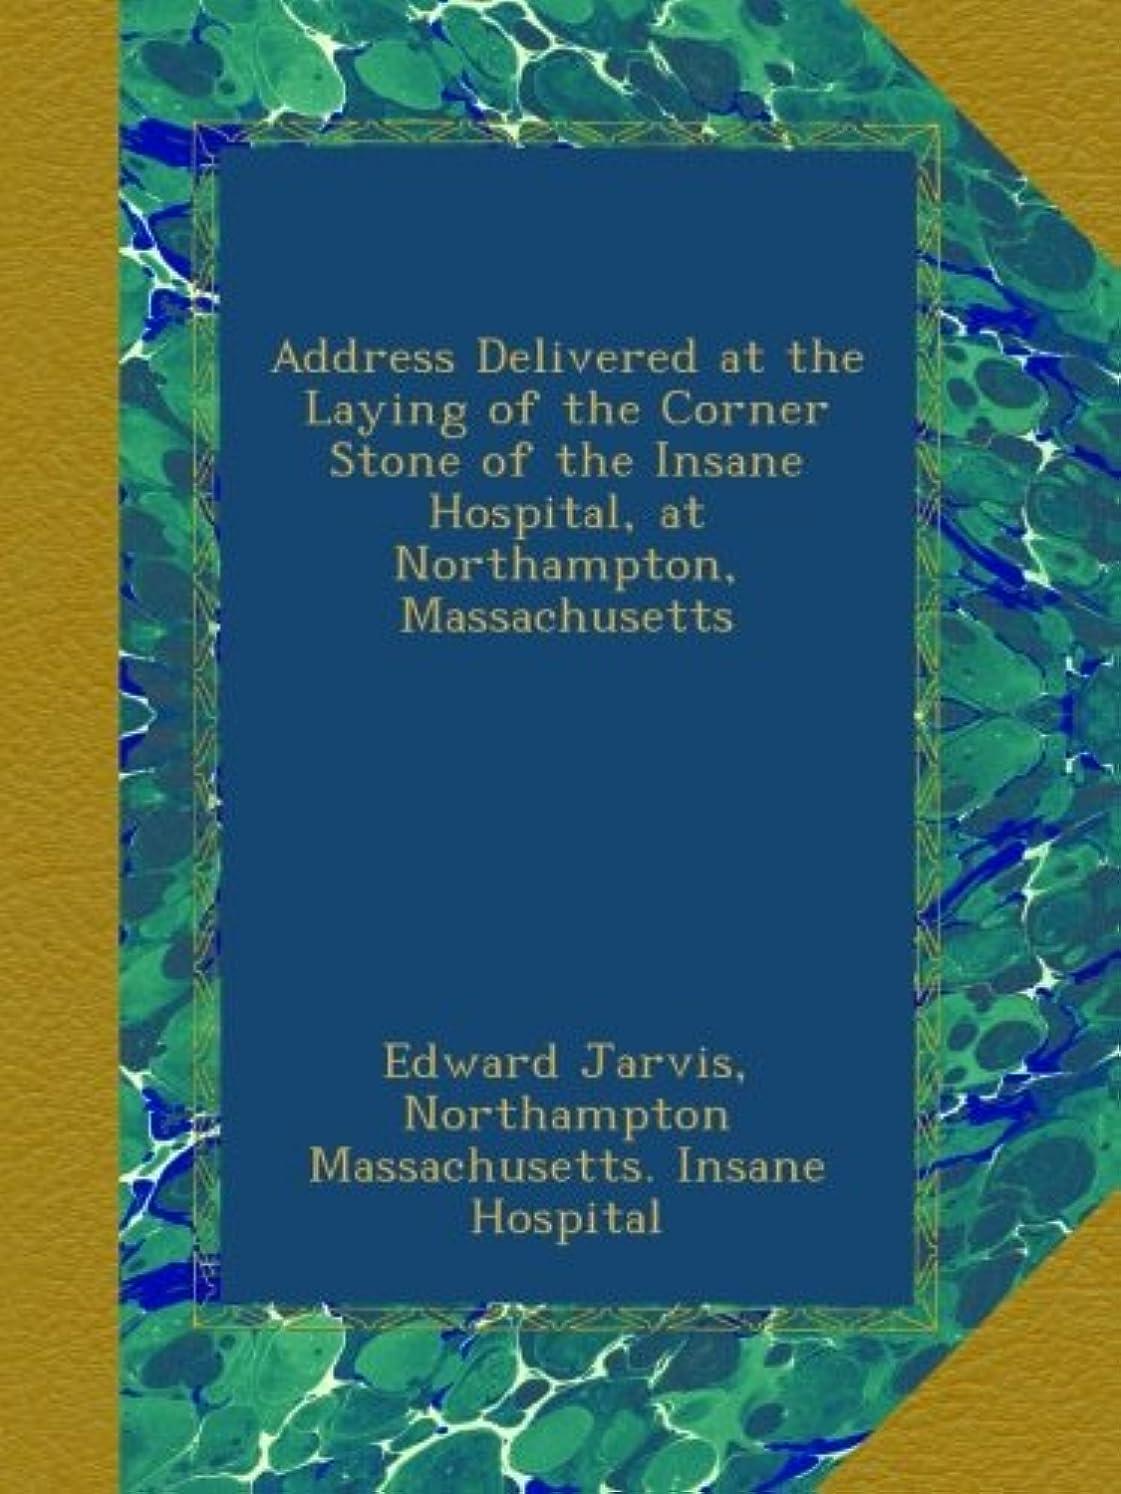 辞任スペイン語調停するAddress Delivered at the Laying of the Corner Stone of the Insane Hospital, at Northampton, Massachusetts